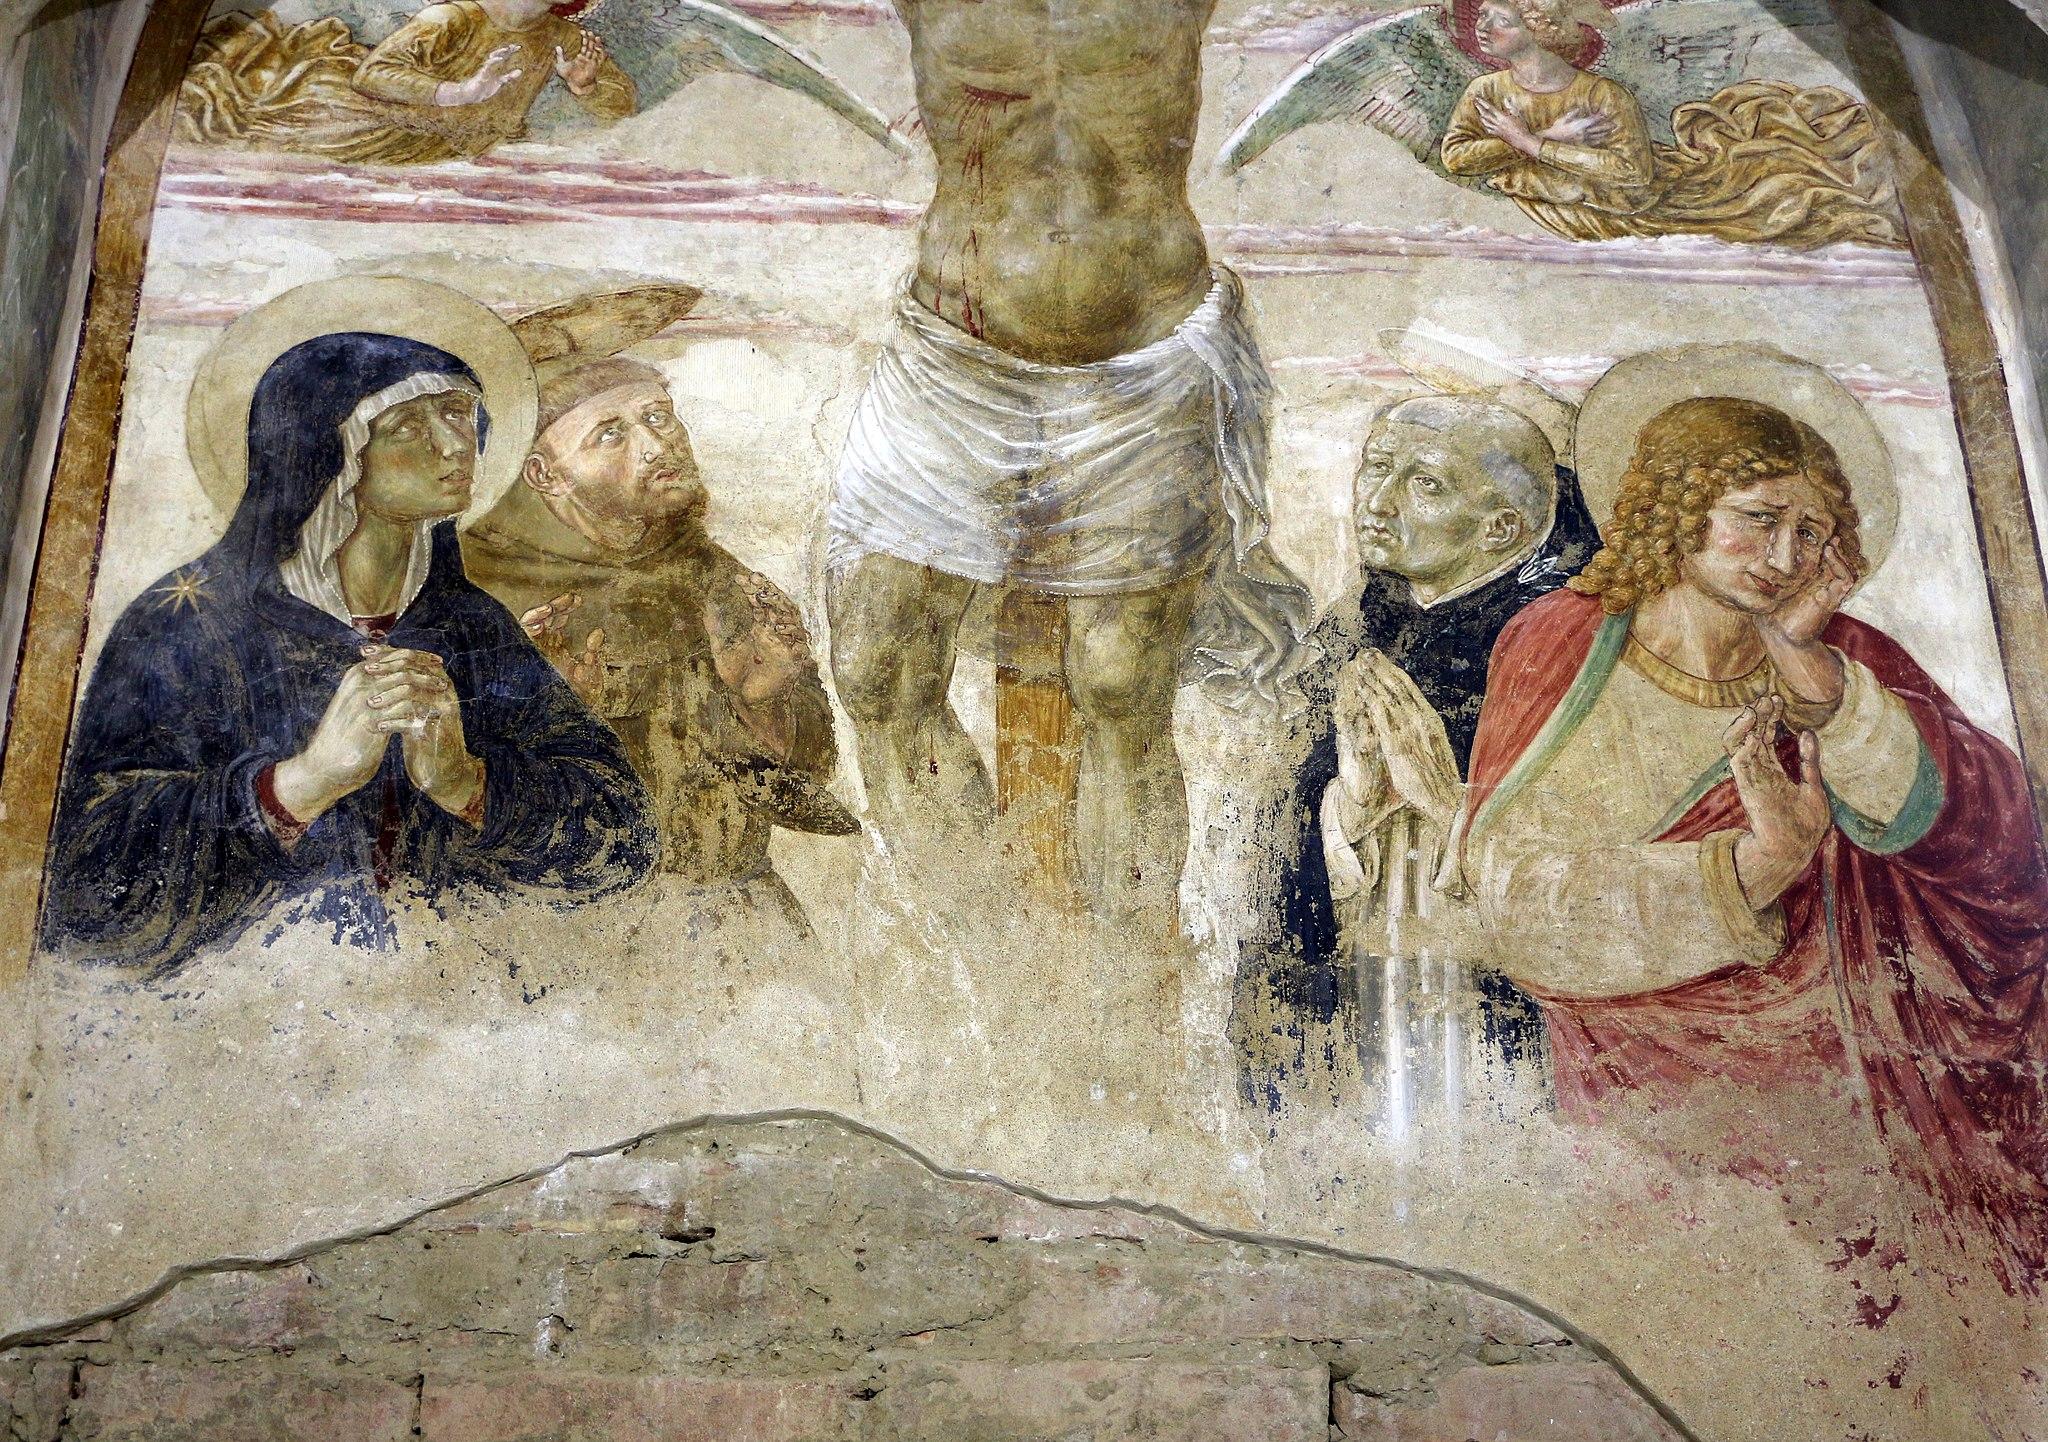 Benozzo gozzoli, tabernacolo di Legoli, 1479-80